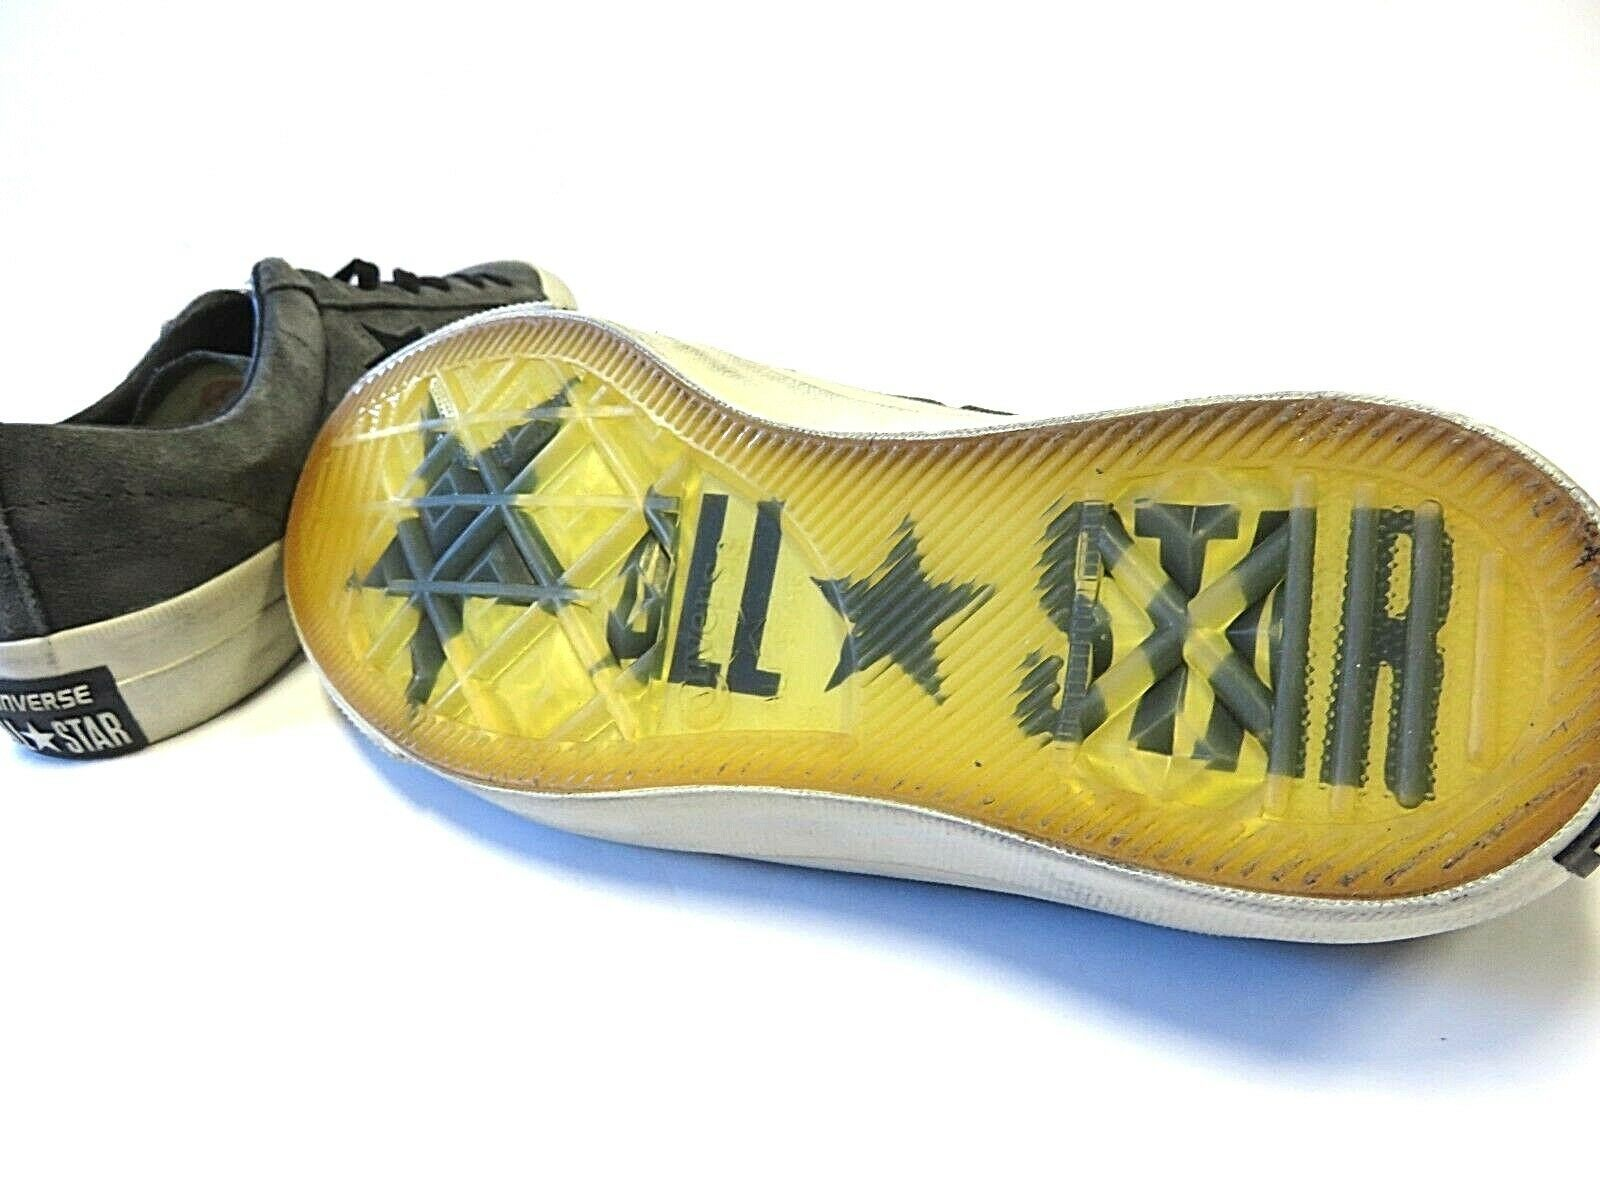 NEW Converse x John Varvatos Grey Star Shoes Size Men's 5.5 Women's 7.5 Low Top image 8